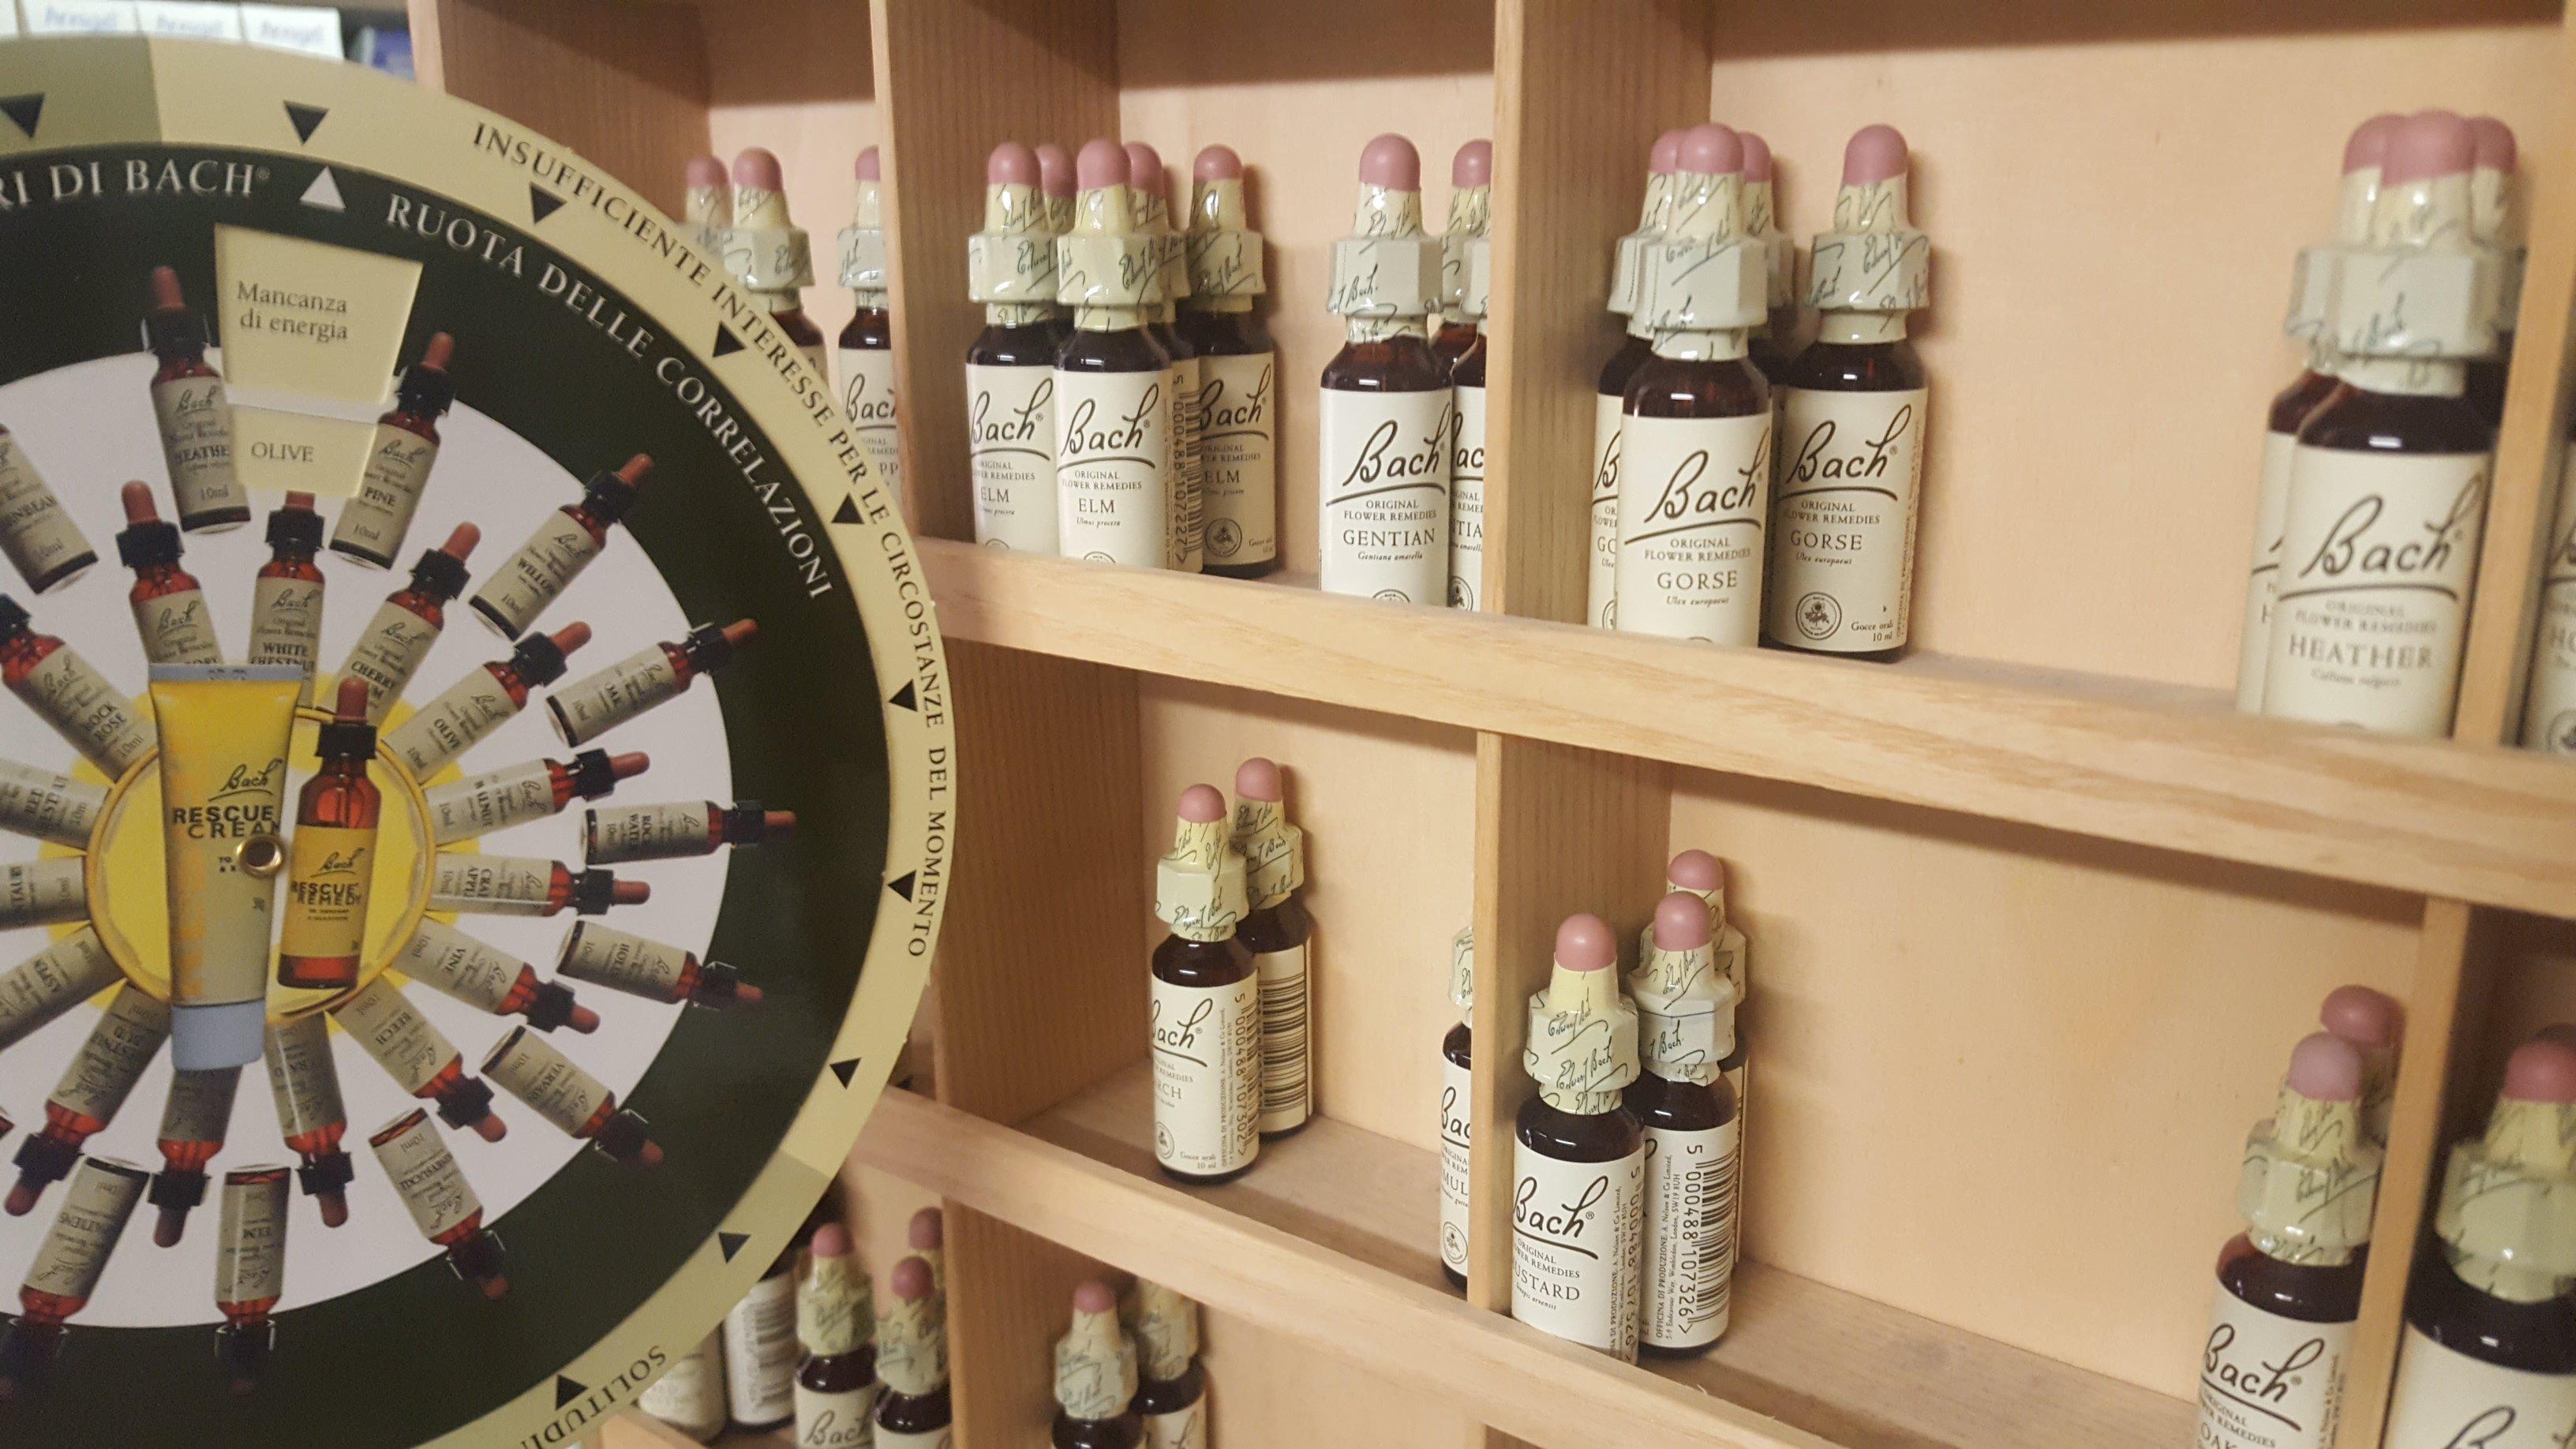 delle bottigliette di olio della marca Bach Original flower remedies